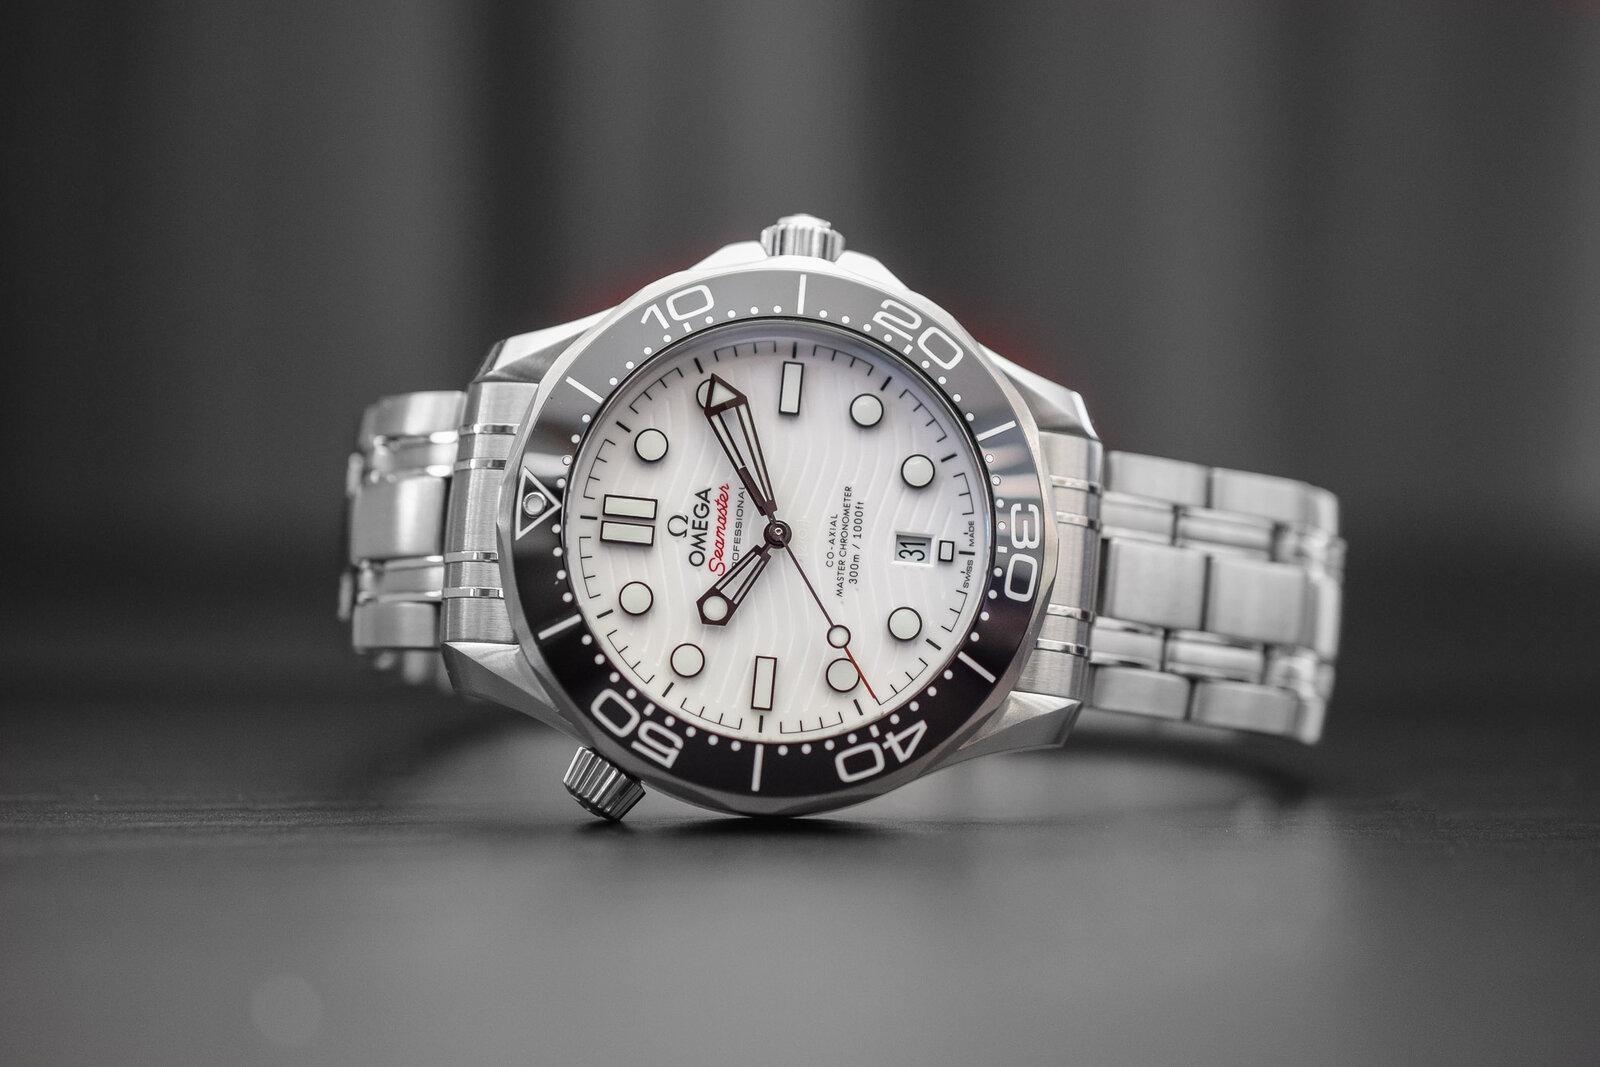 Omega-Seamaster-Diver-300M-White-Ceramic-Dial-Master-Chronometer-210.30.42.20.04.001-5.